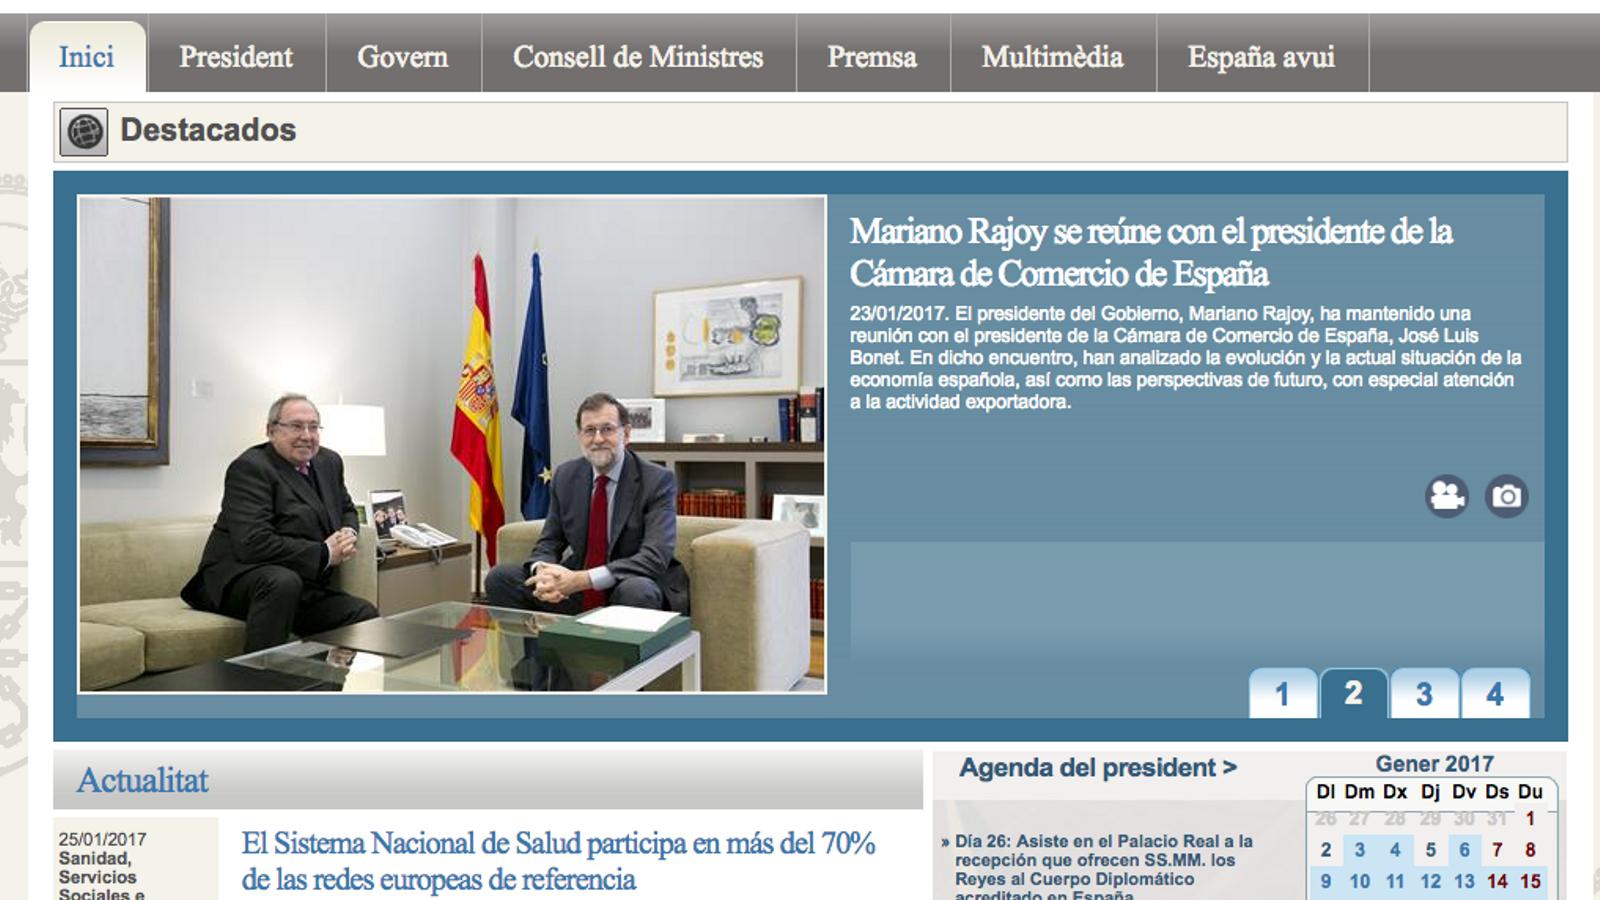 La versió en català de la pàgina de La Moncloa, en castellà.